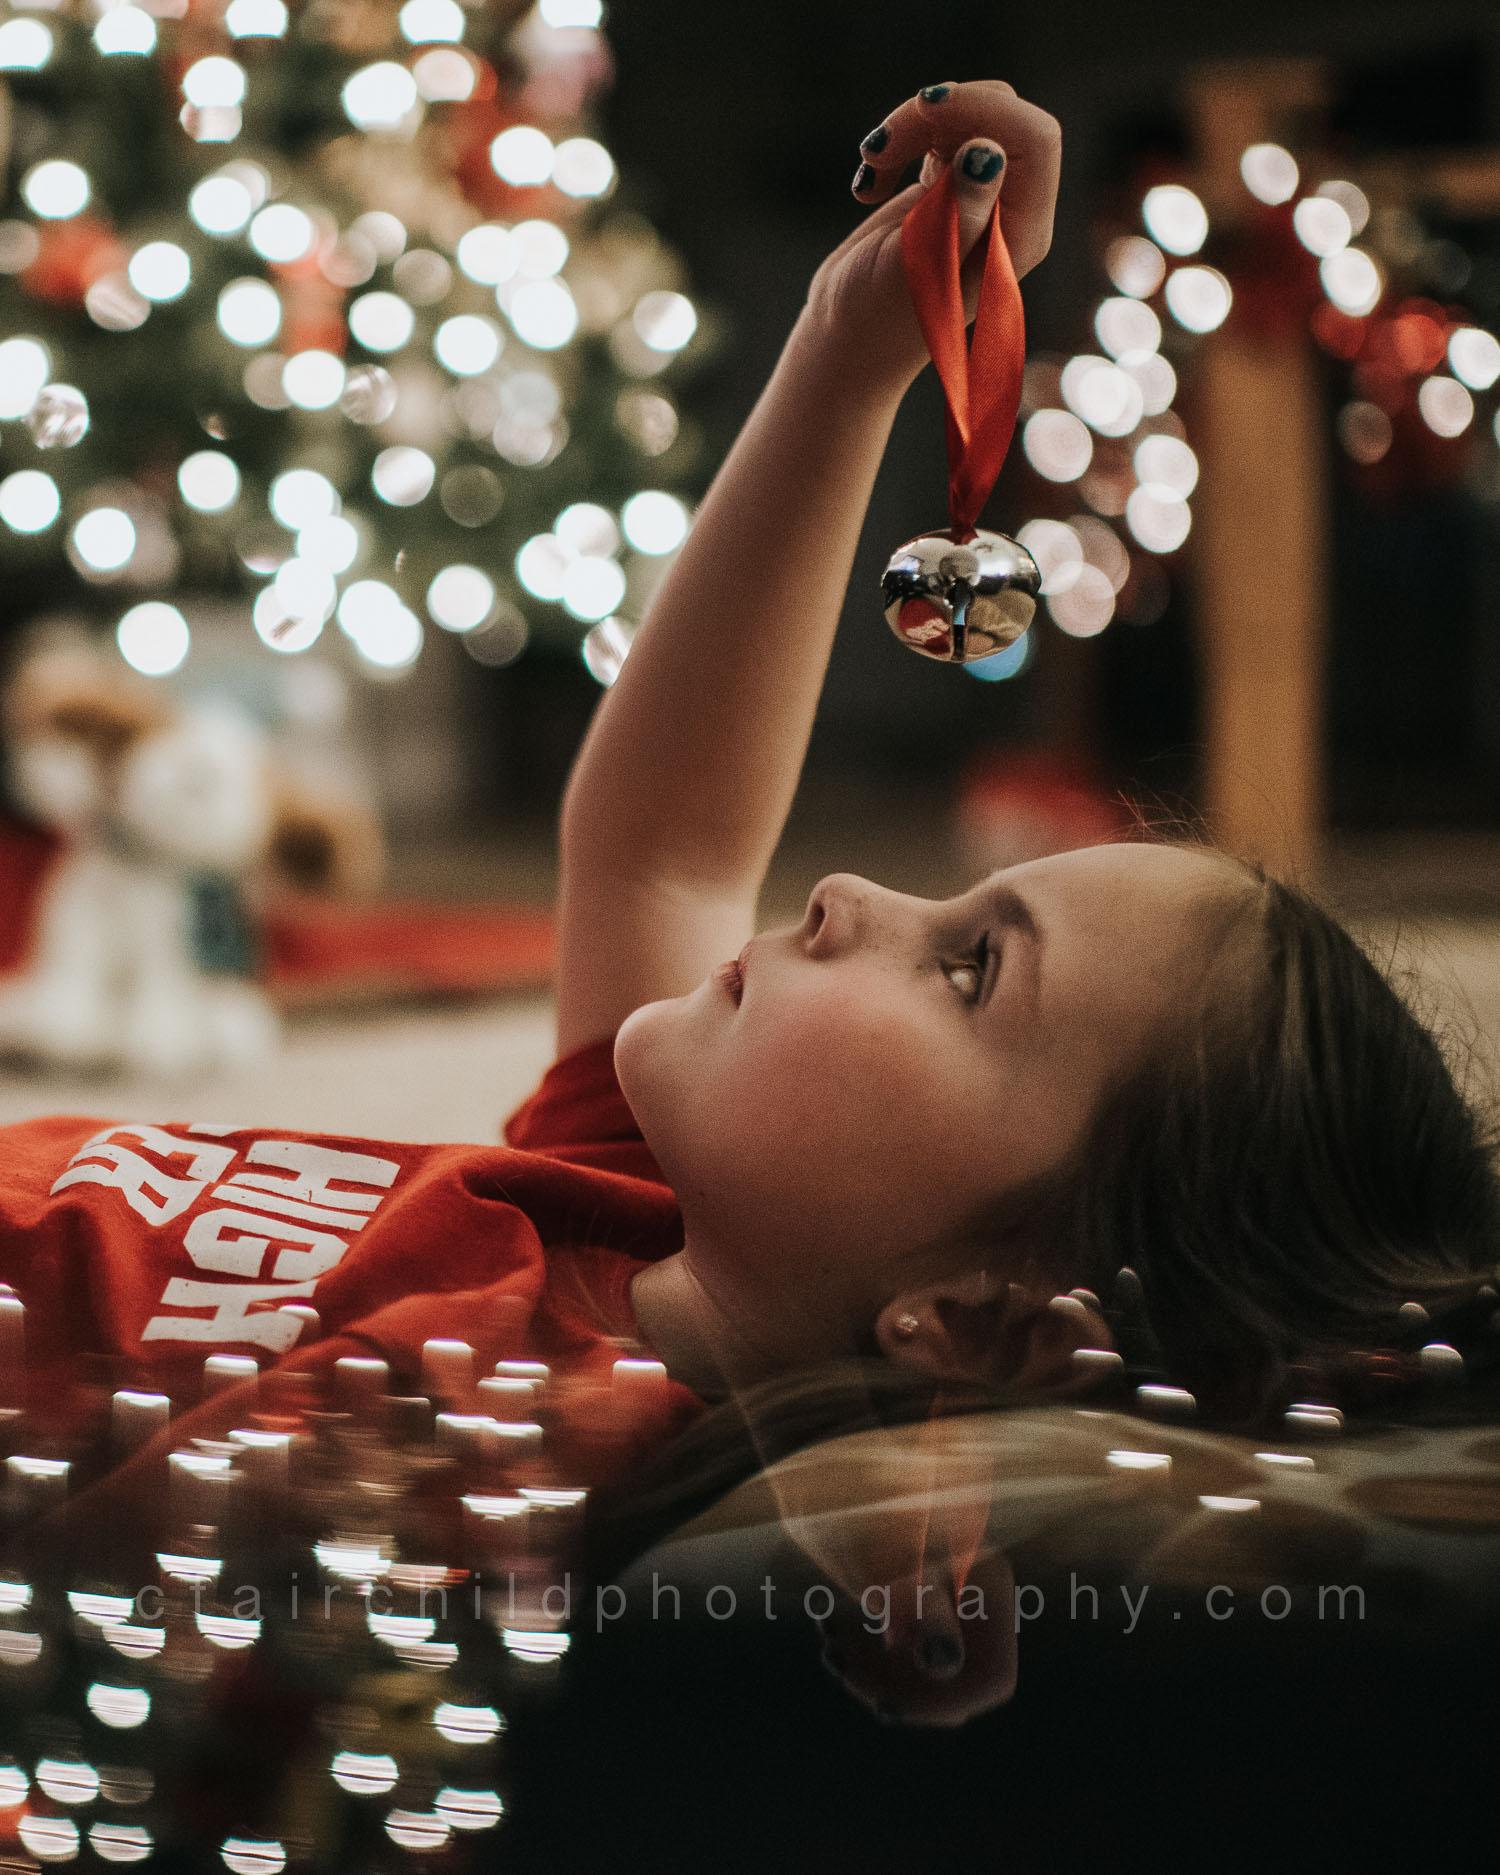 """My daughter, taken in December, while watching """"The Polar Express""""."""